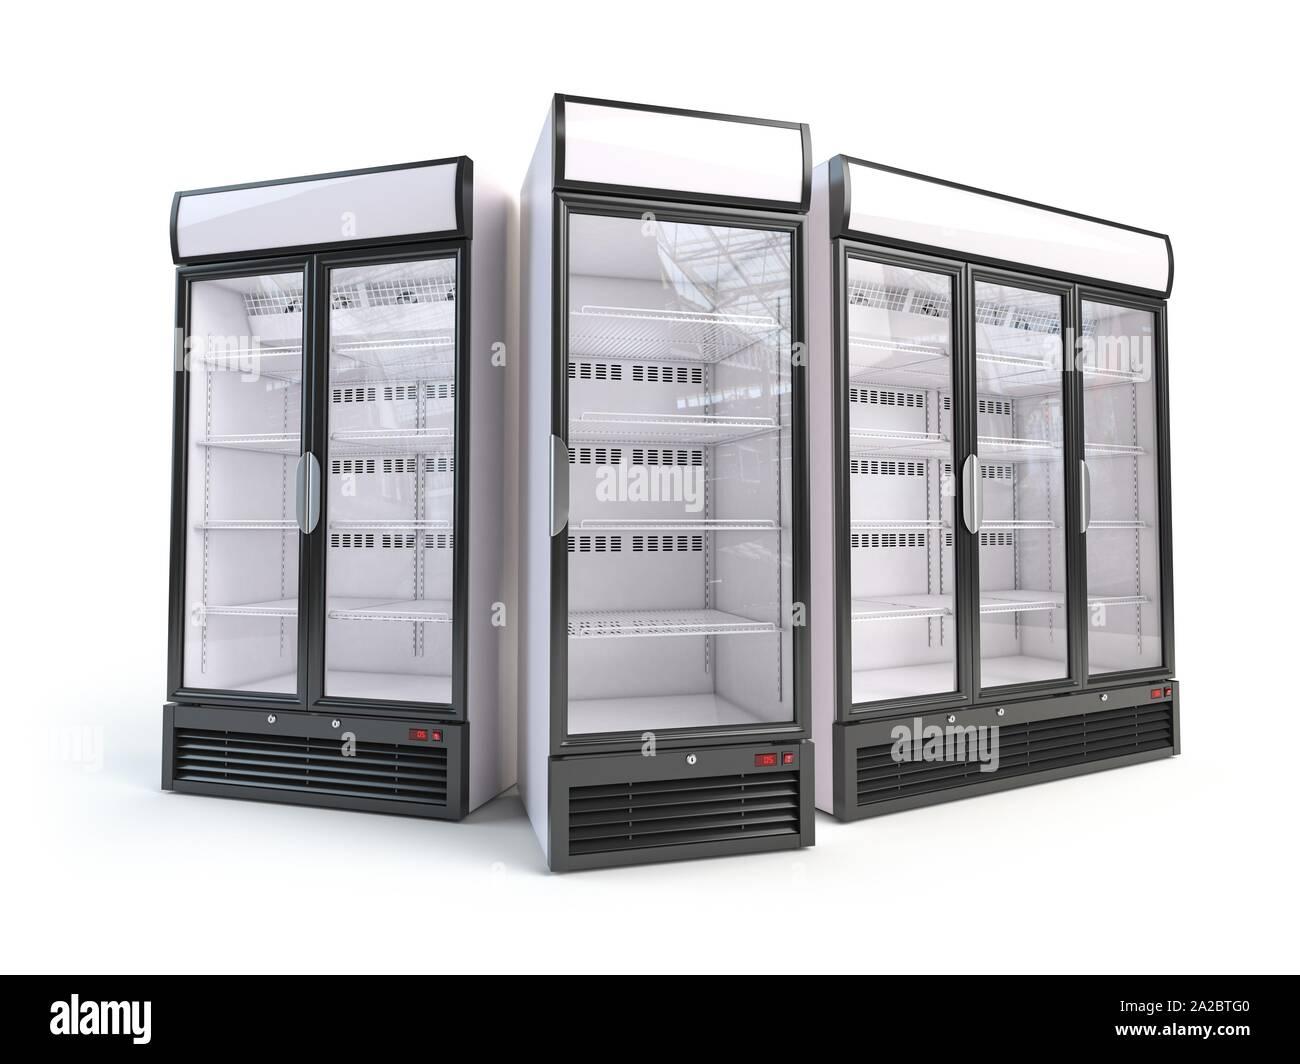 Conjunto de diferentes refrigeradores vitrina vacía. Frigoríficos con puerta de vidrio, aislado en blanco. Ilustración 3d. Foto de stock